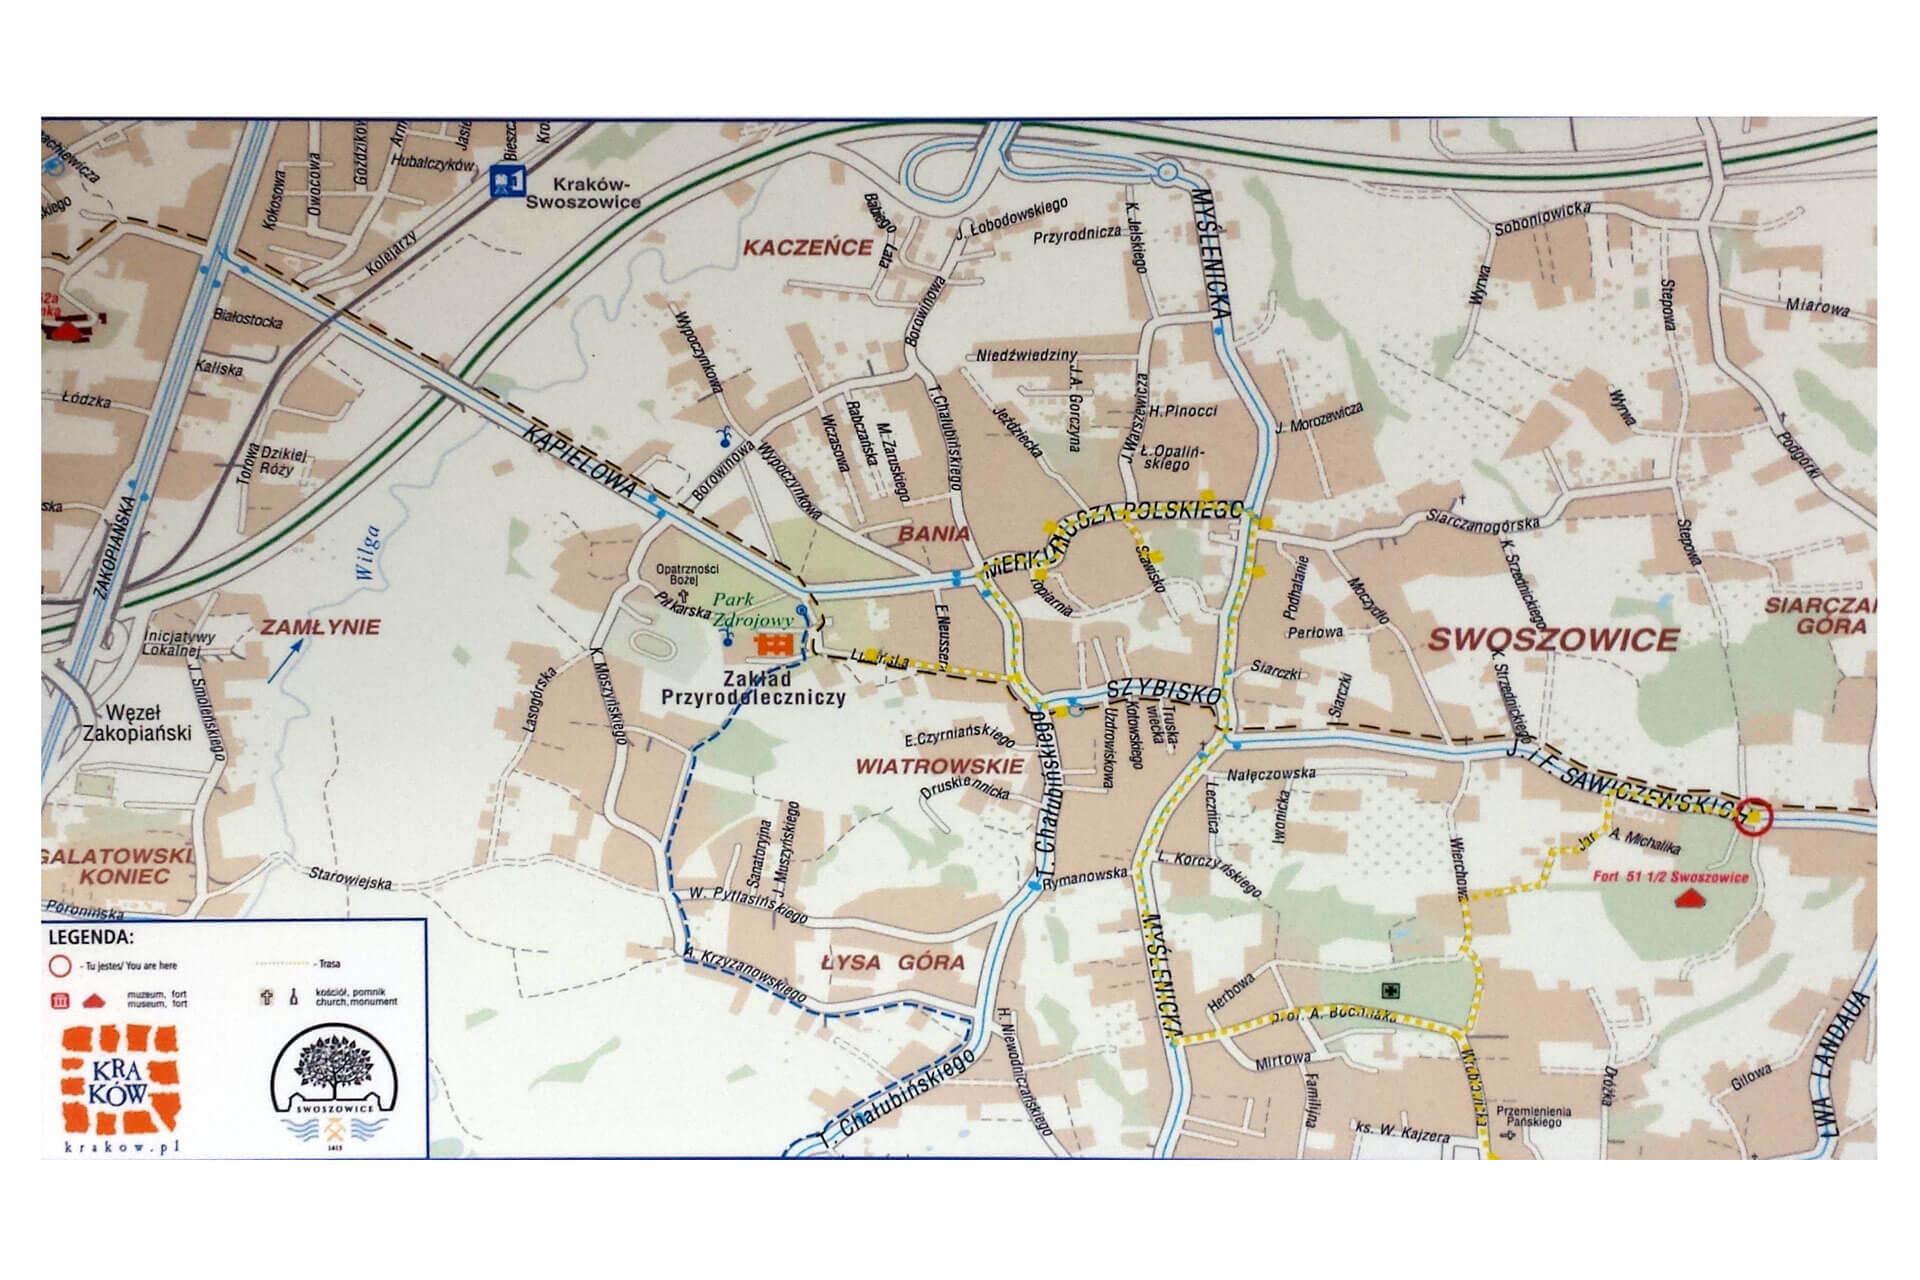 mapa Szlaku Górnictwa Siarkowego w Swoszowicach